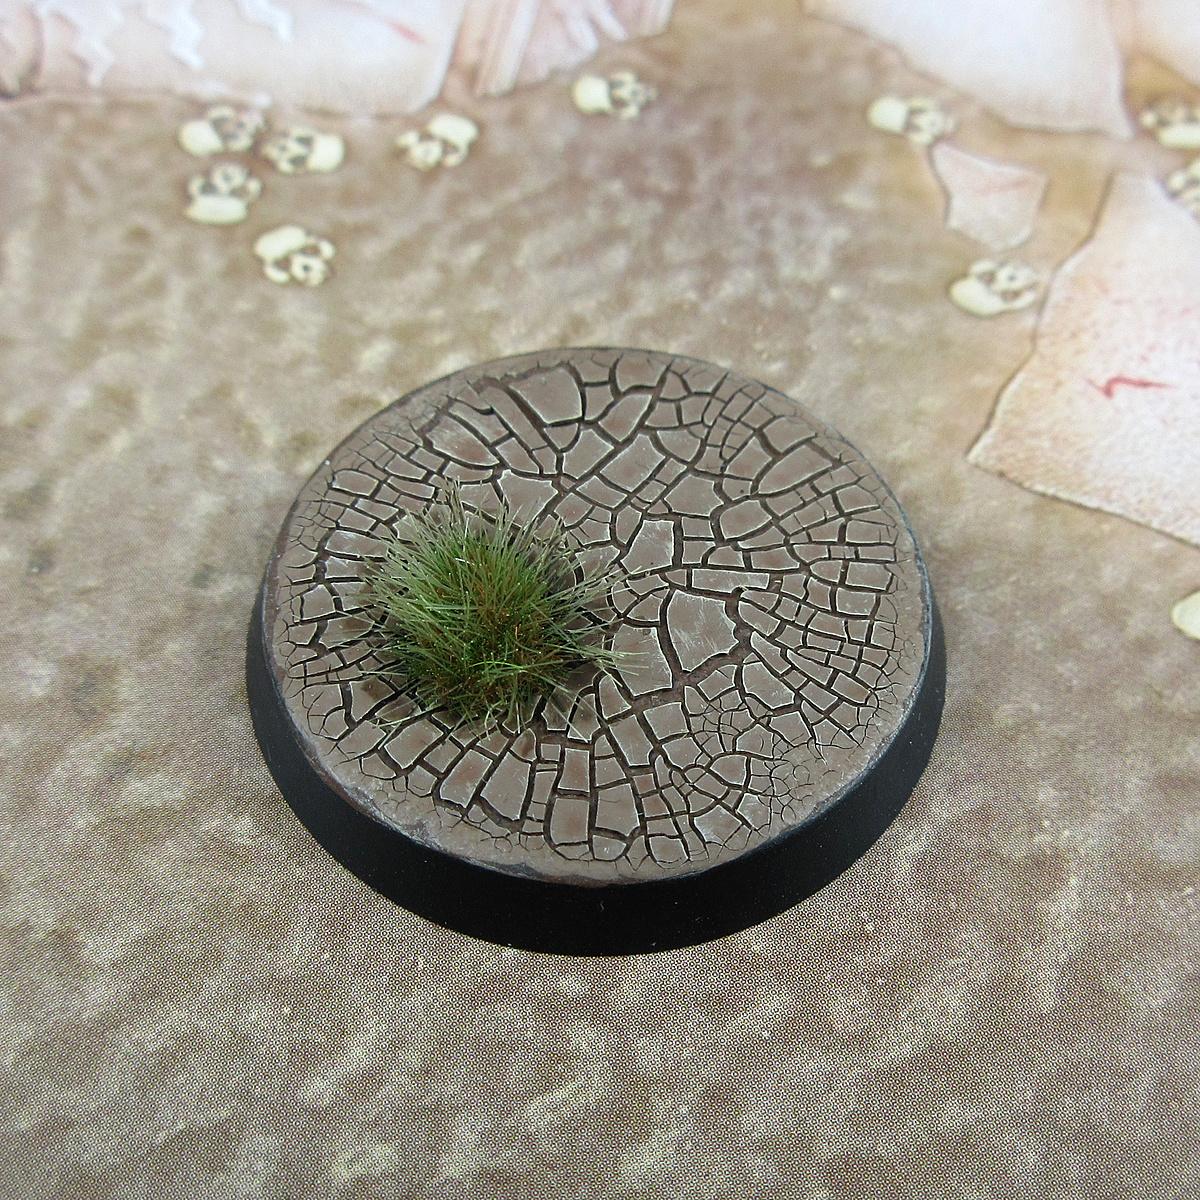 Cracked Mud Base